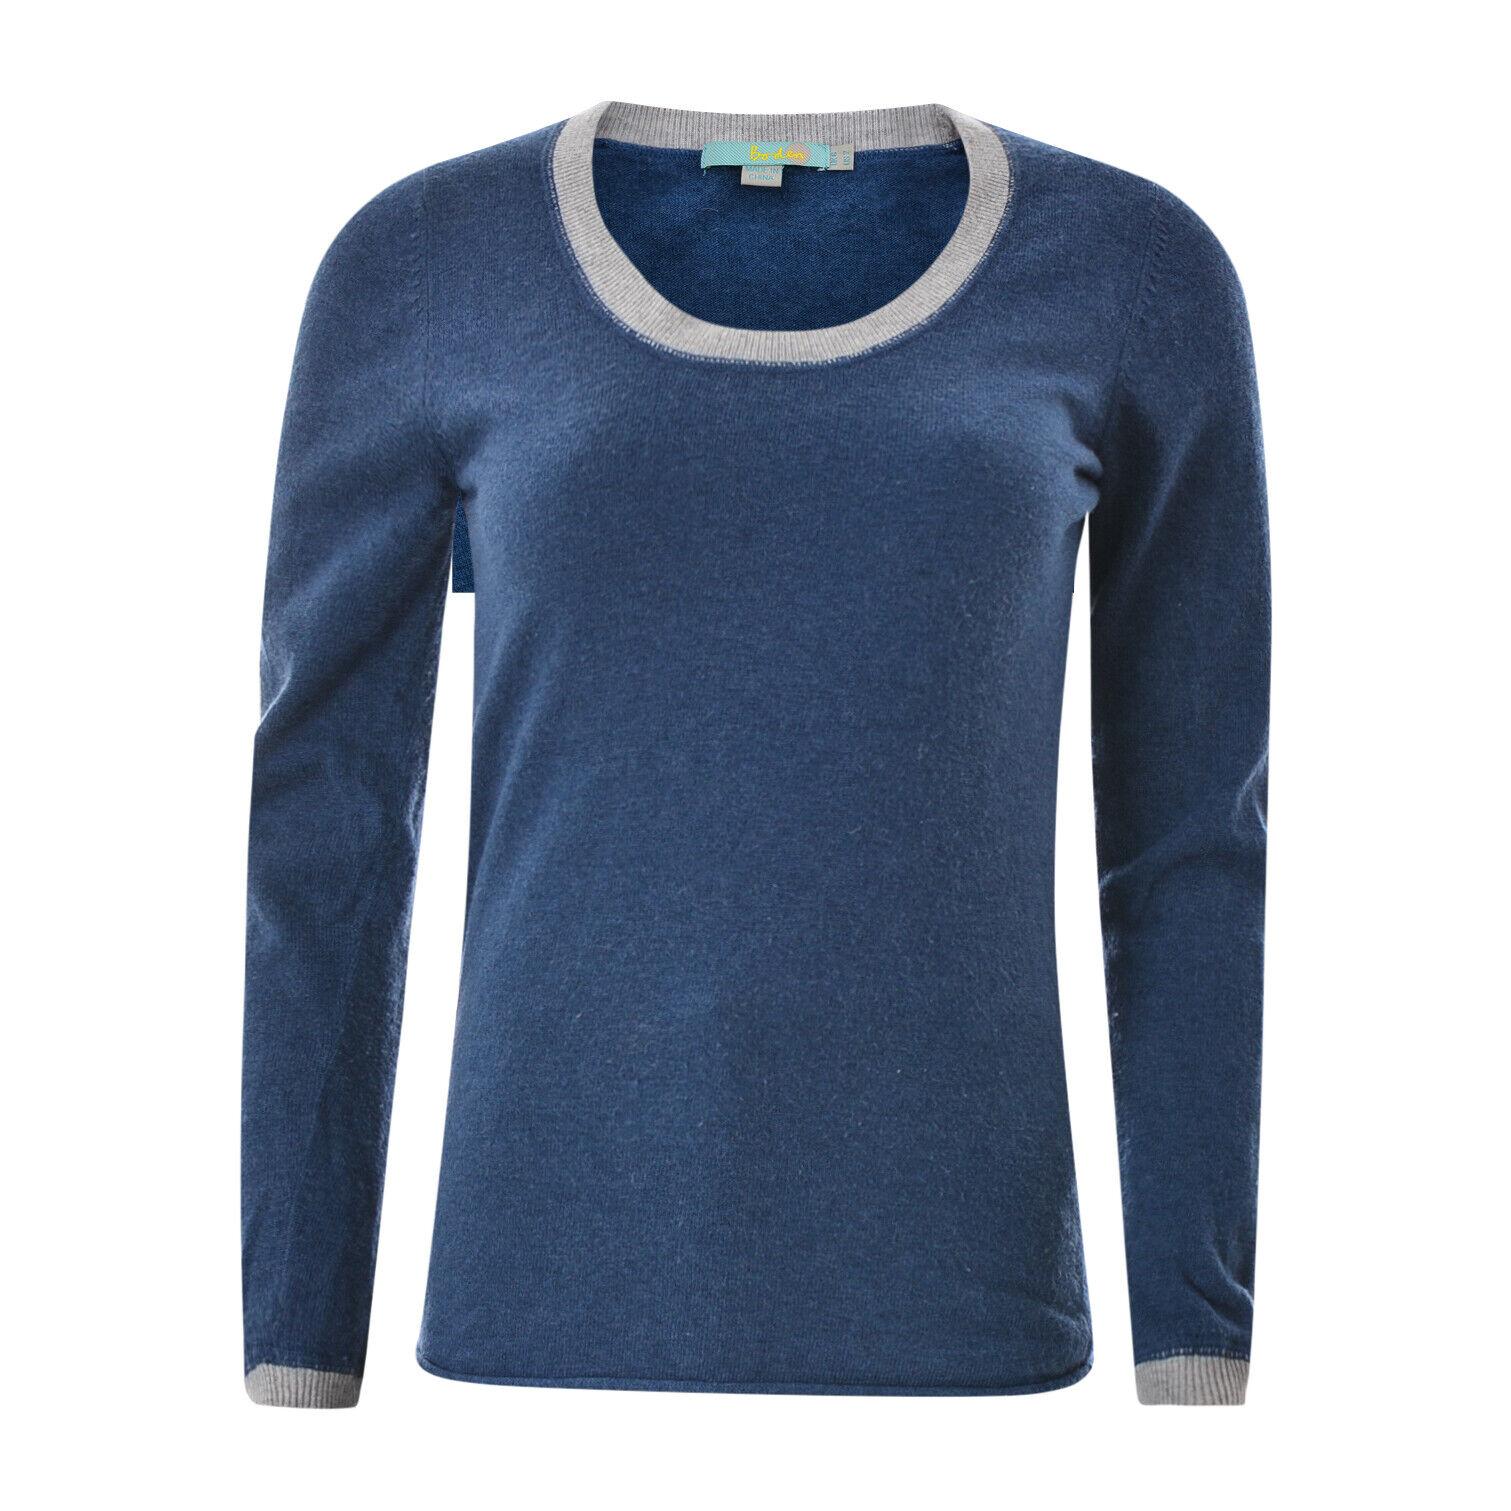 Boden Damen Pullover Strickjacke Größe UK6 Blau Langärmlig Rundhals Authentisch